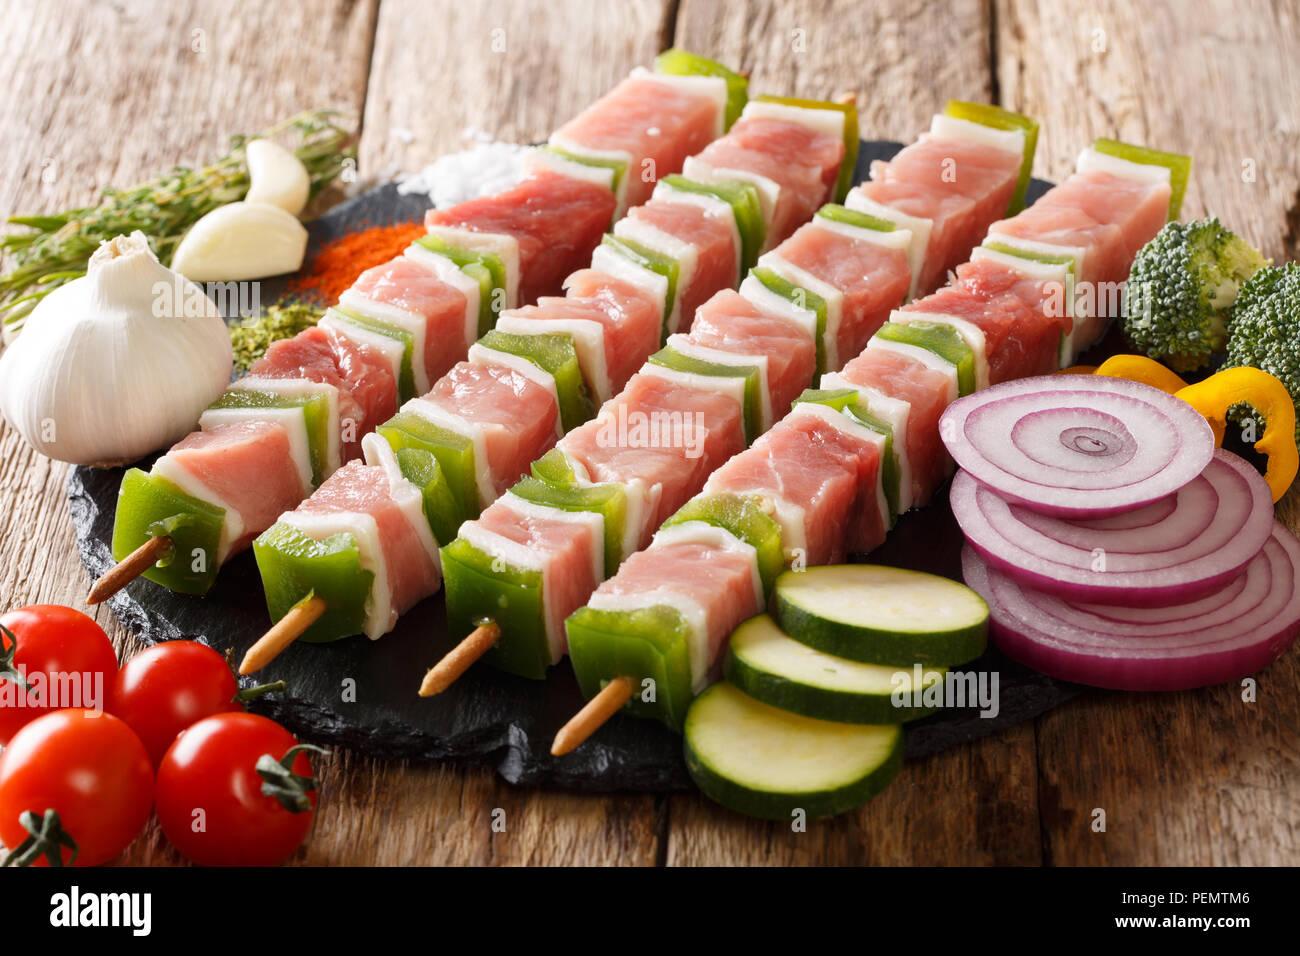 Für Grill rohe Shish Kebab mit Pfeffer und Schmalz auf Spieße close-up und Zutaten, Gemüse, Gewürze, Kräuter auf dem Tisch. Horizontale Stockbild